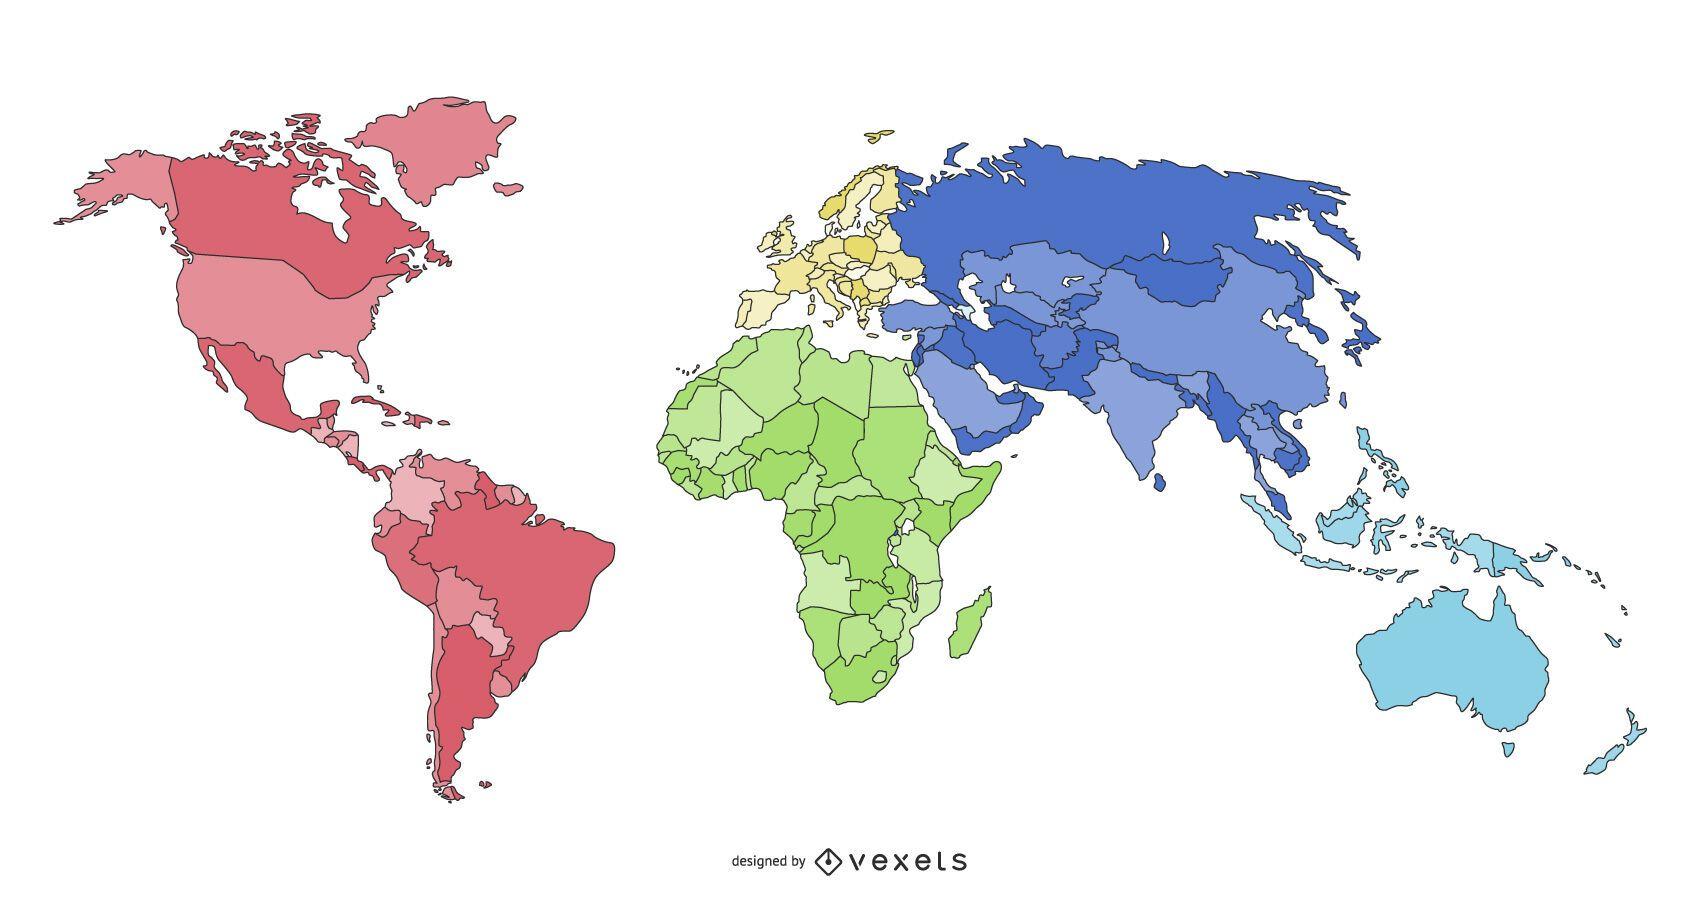 projeto de ilustração do mapa dos continentes do mundo